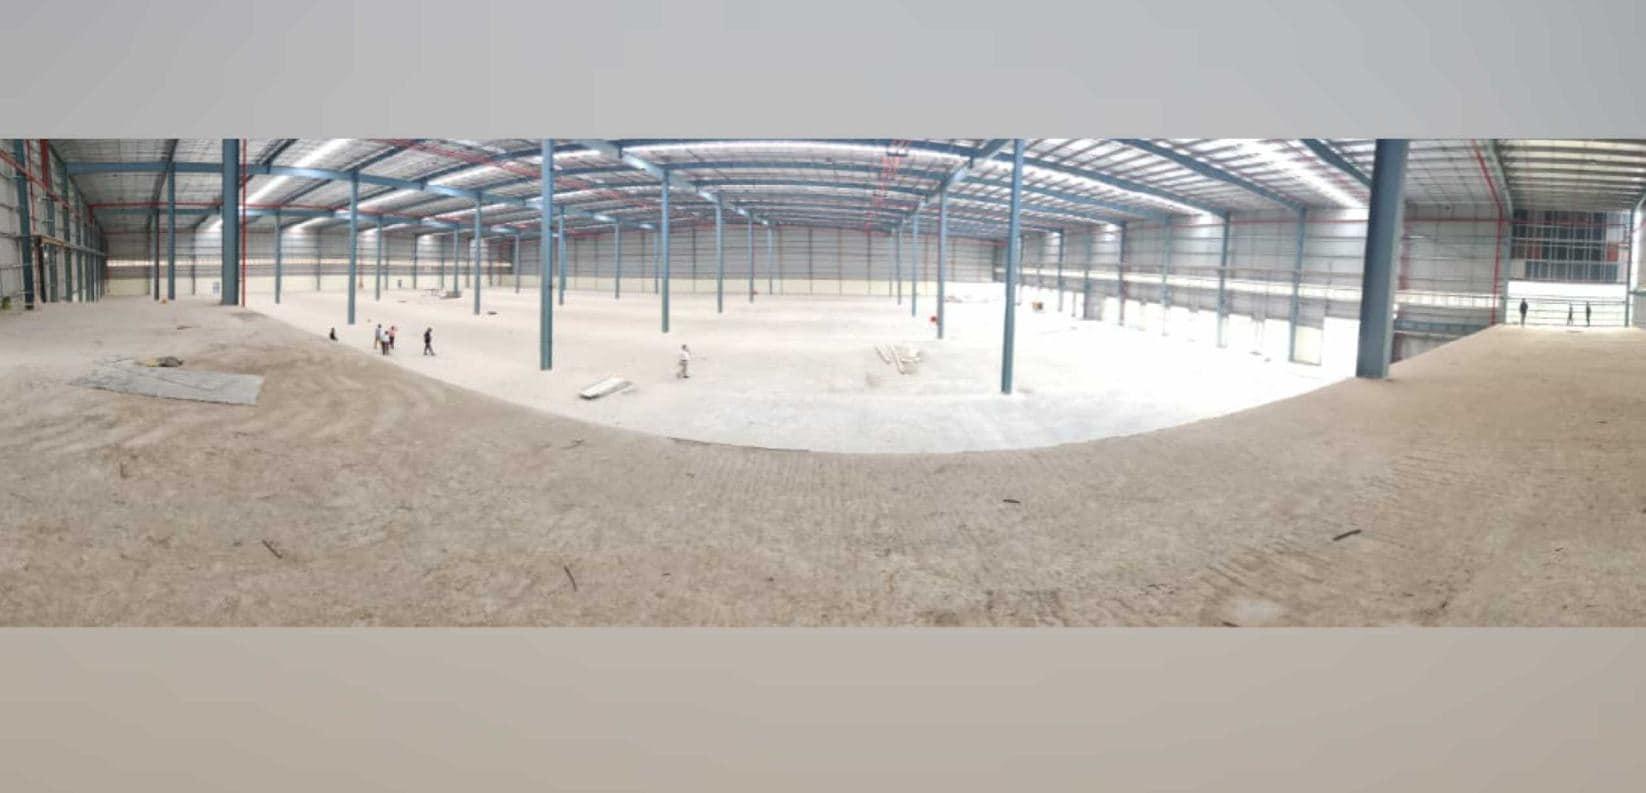 La planta de producción de Simple Energy en Hosur aún está lejos de ser operativa.  Imagen: Suhas Rajkumar vía Twitter